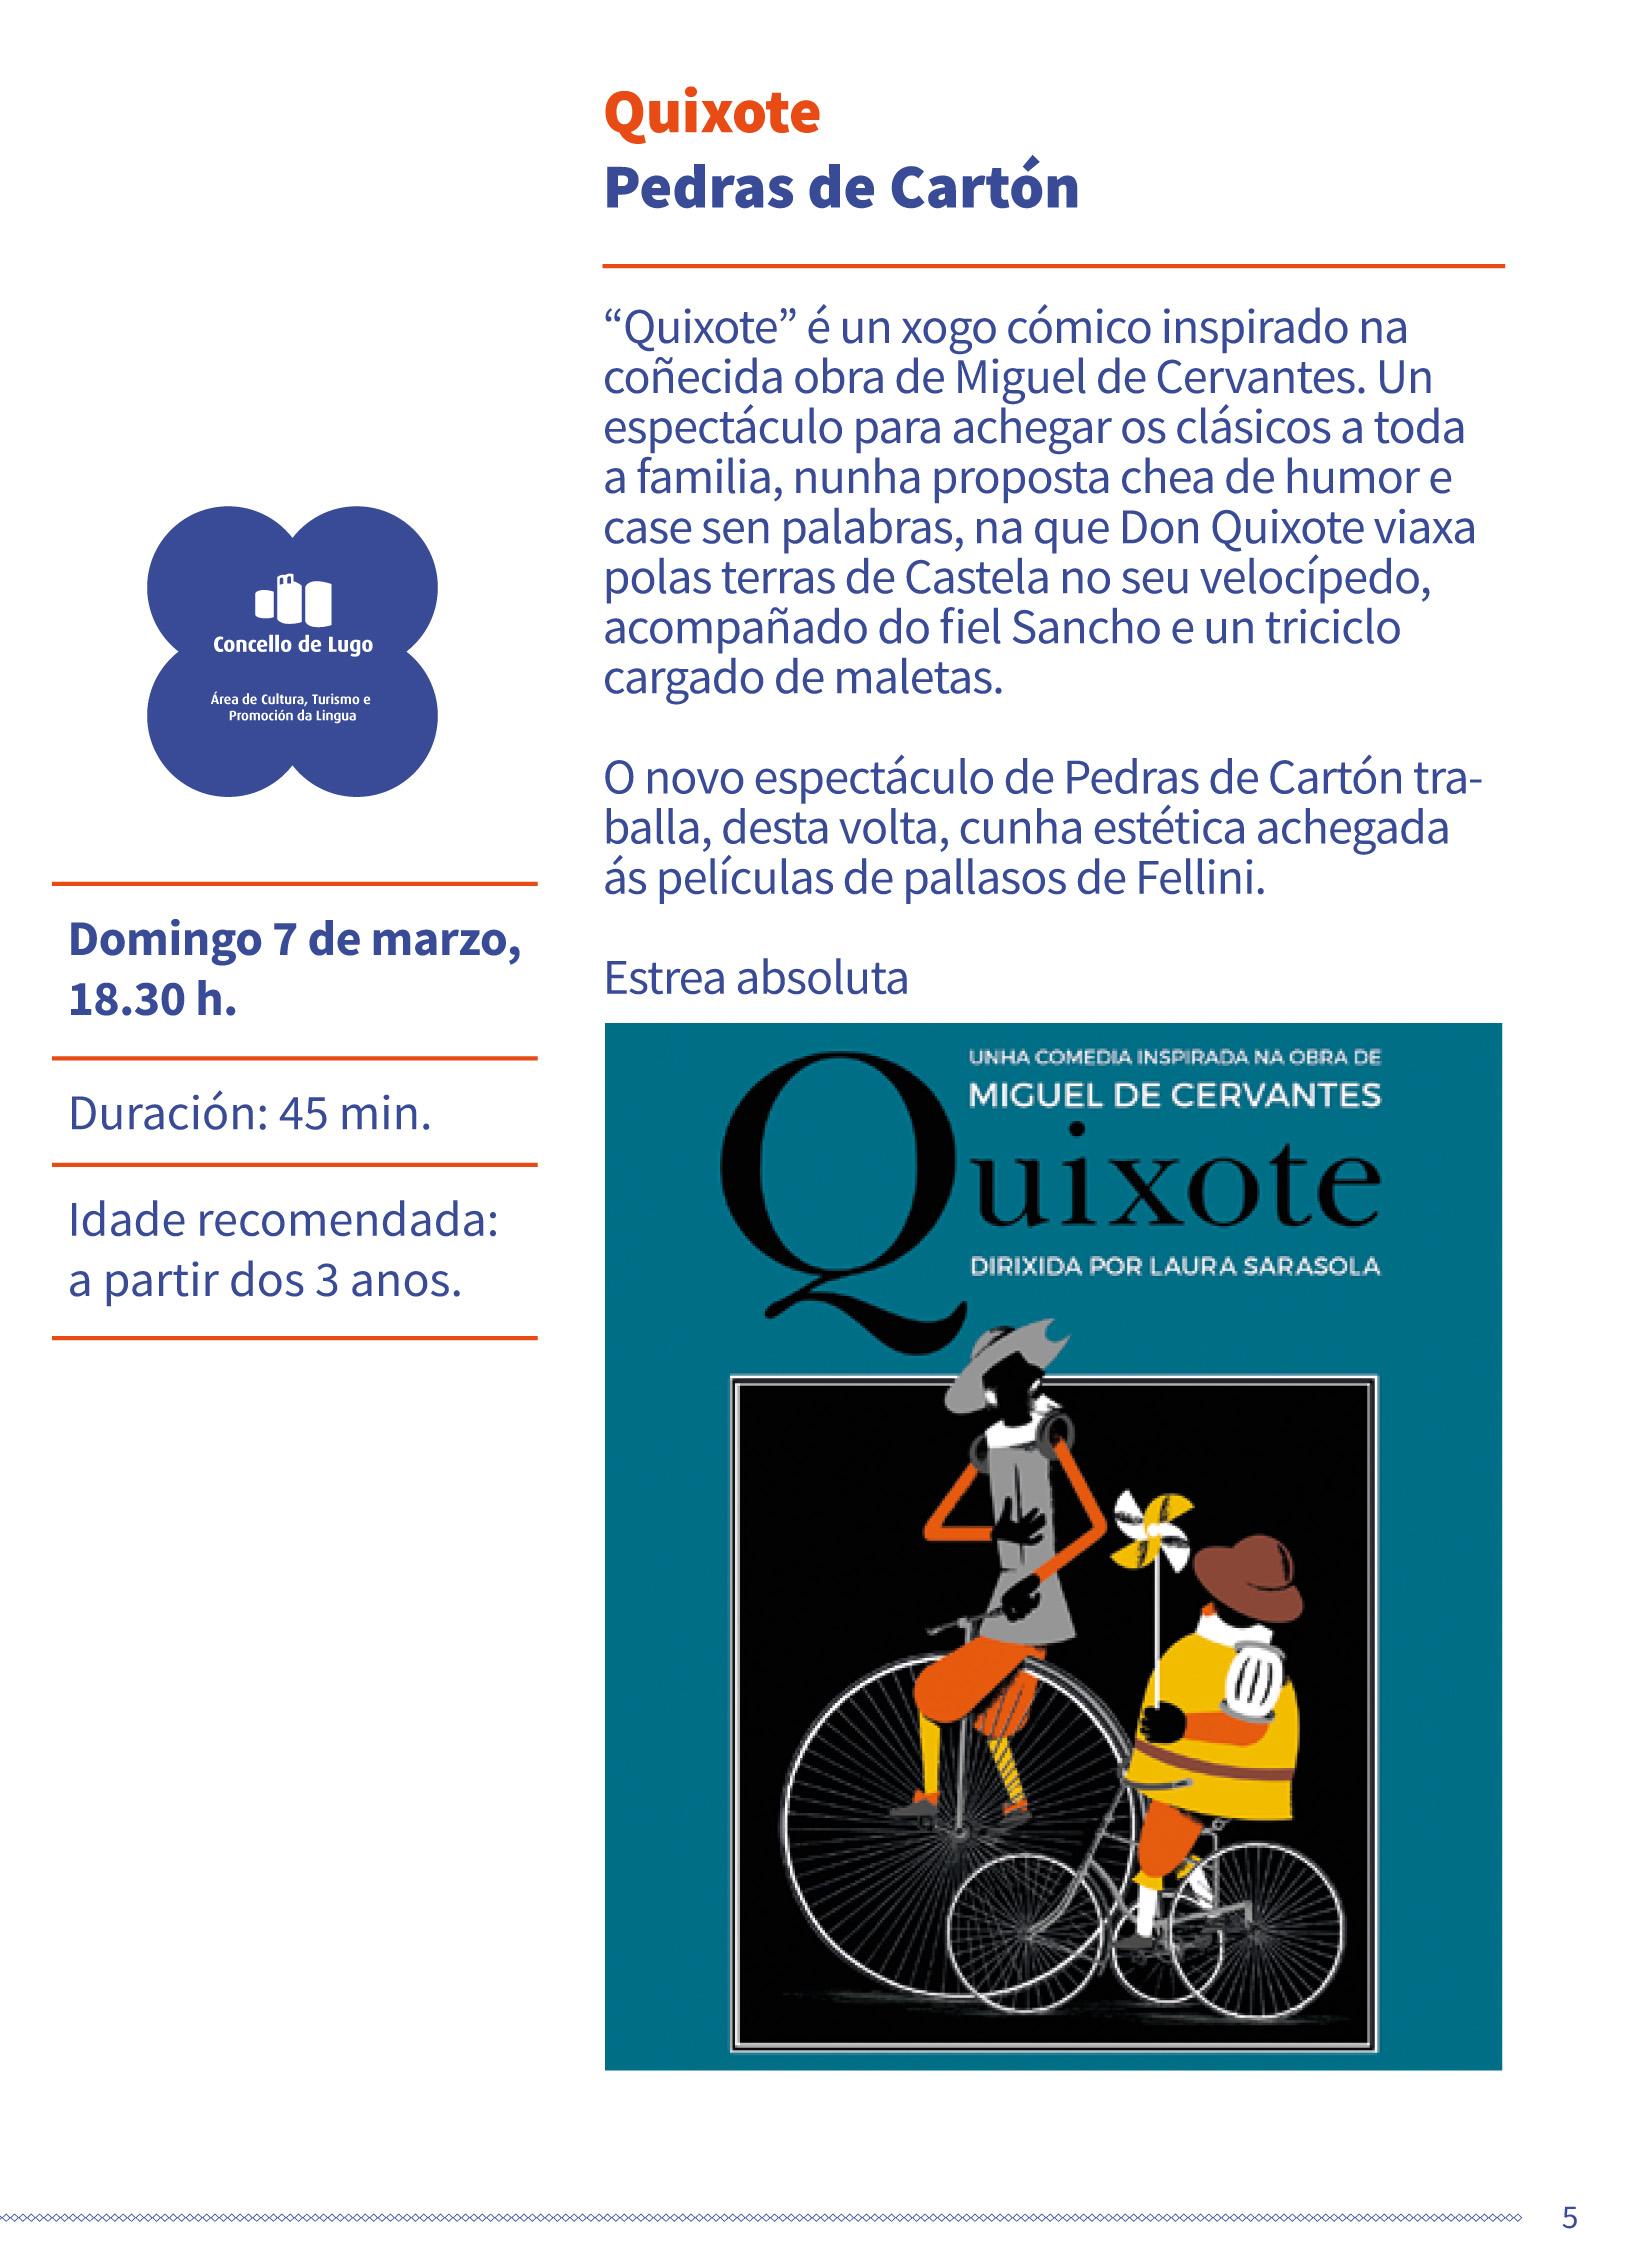 Teatro clásico familiar - Quixote